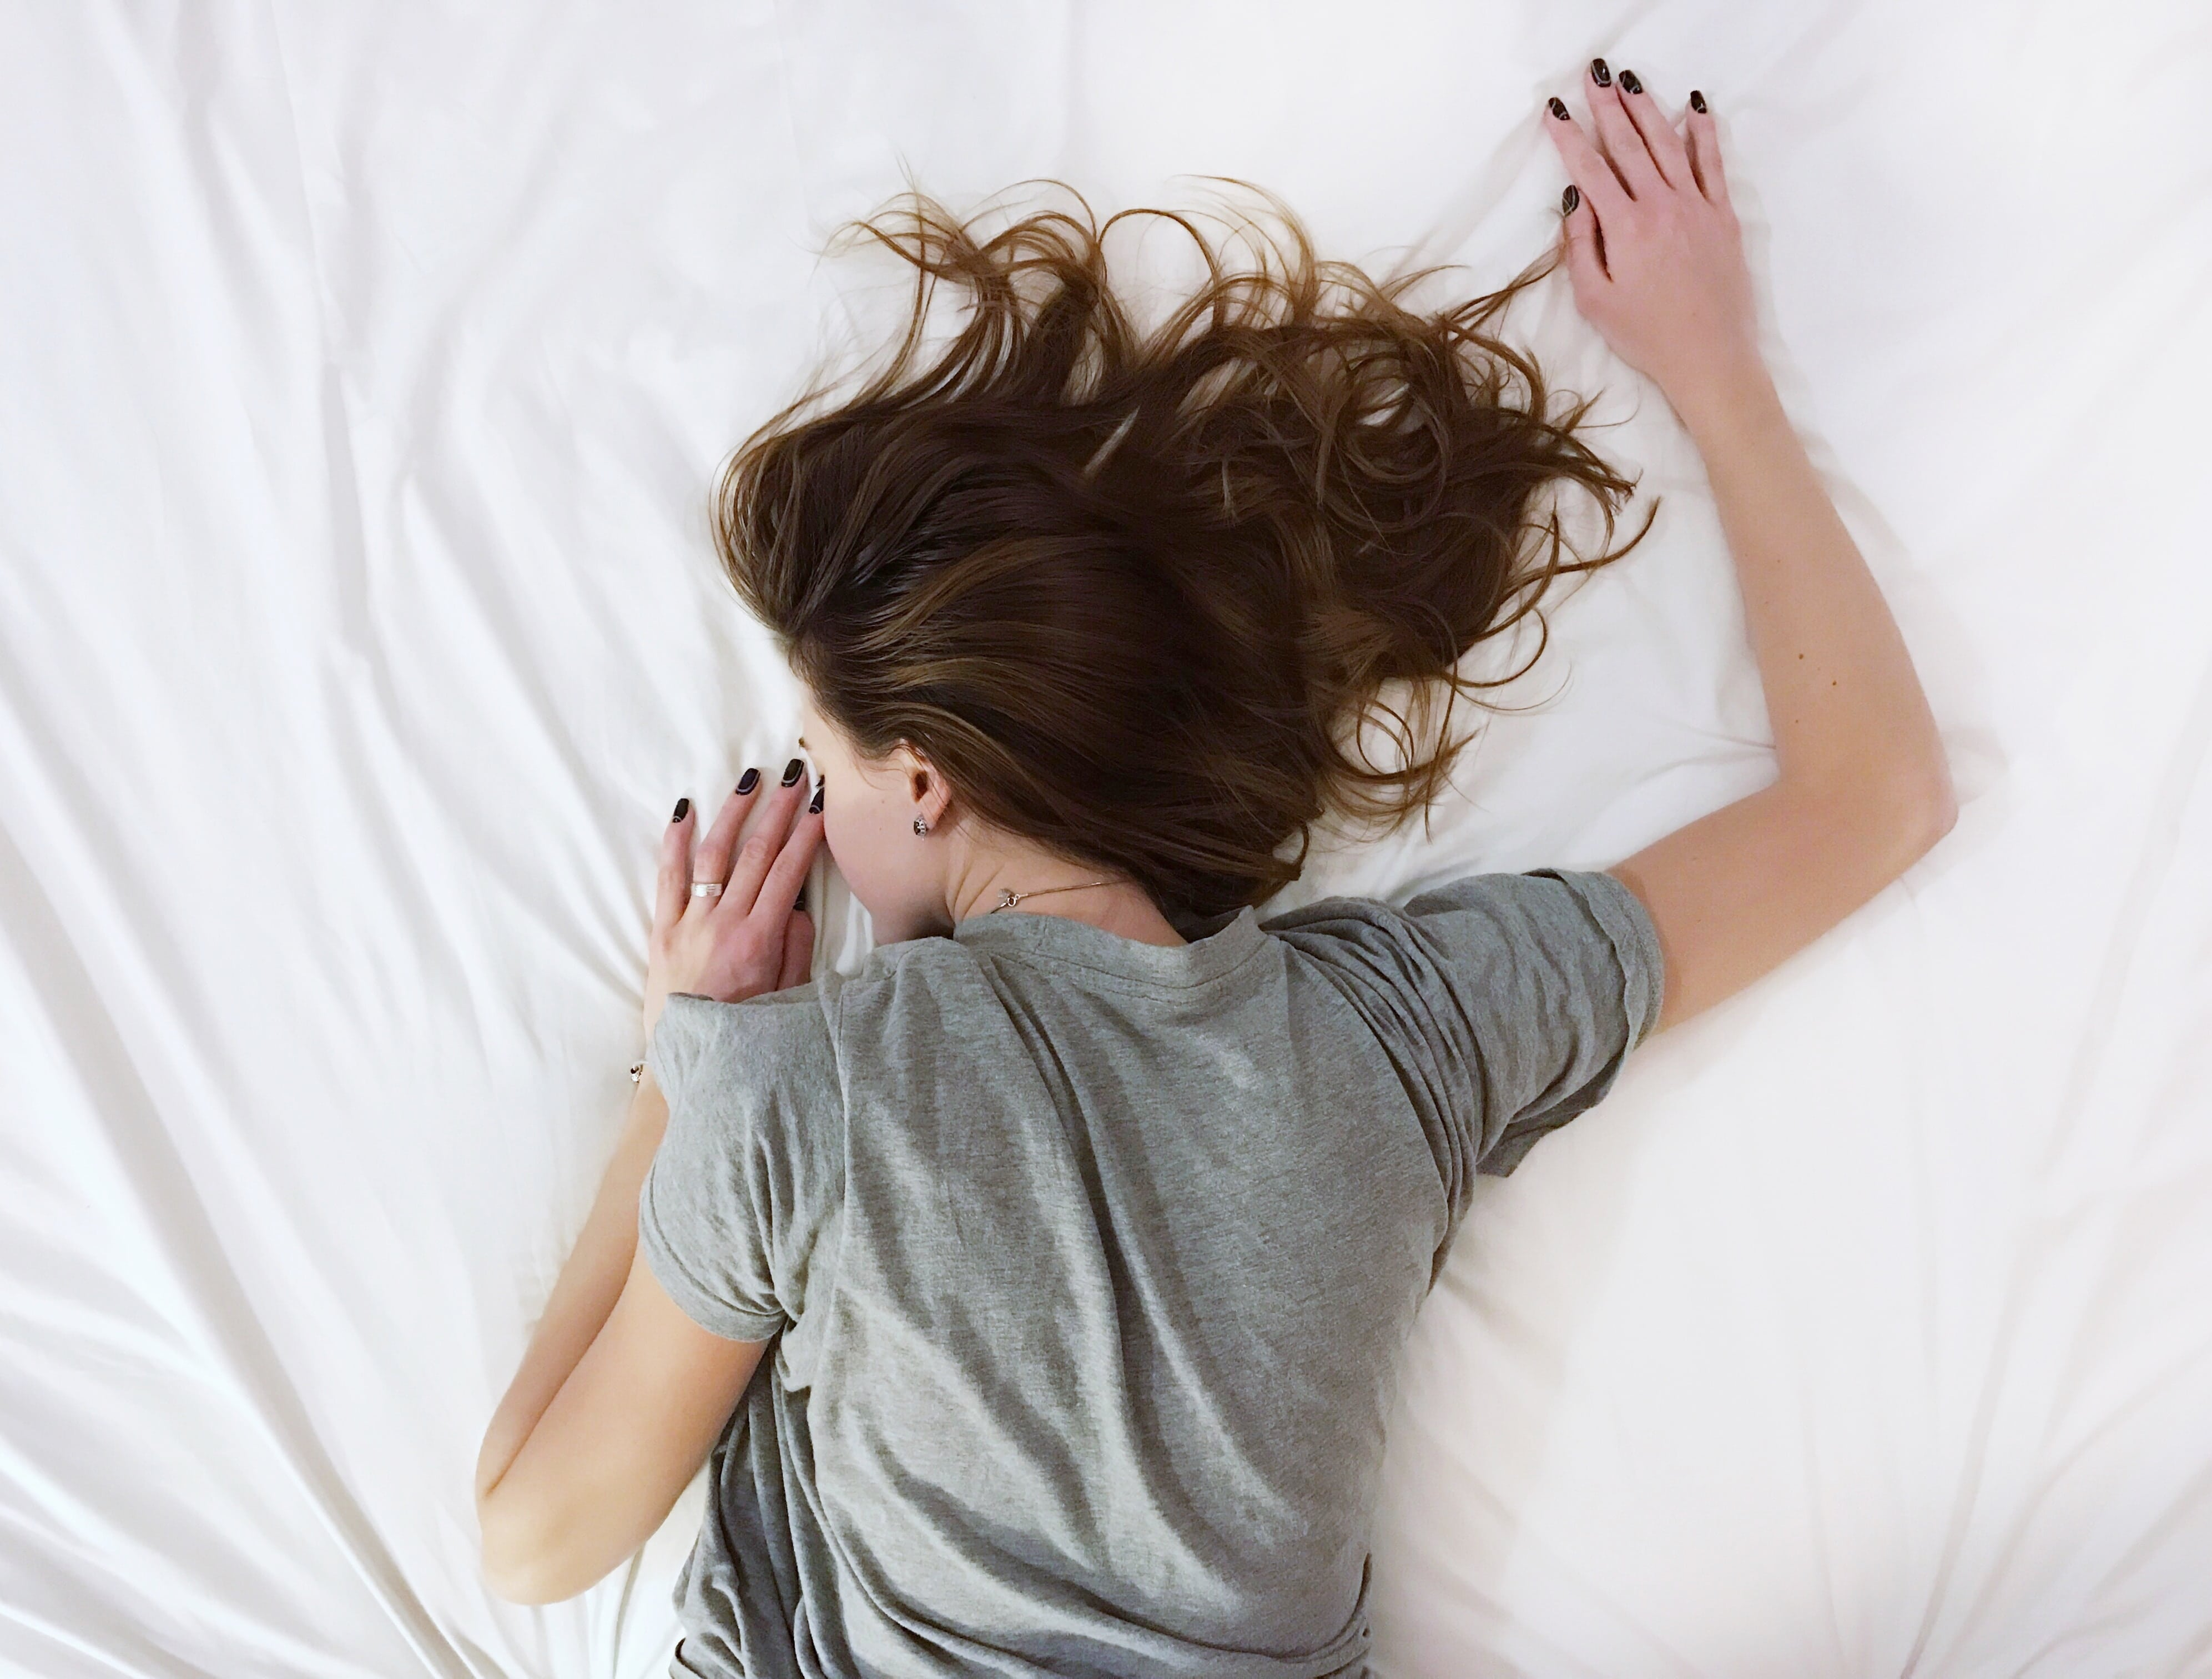 Студентські будні vs сон. Хто кого?